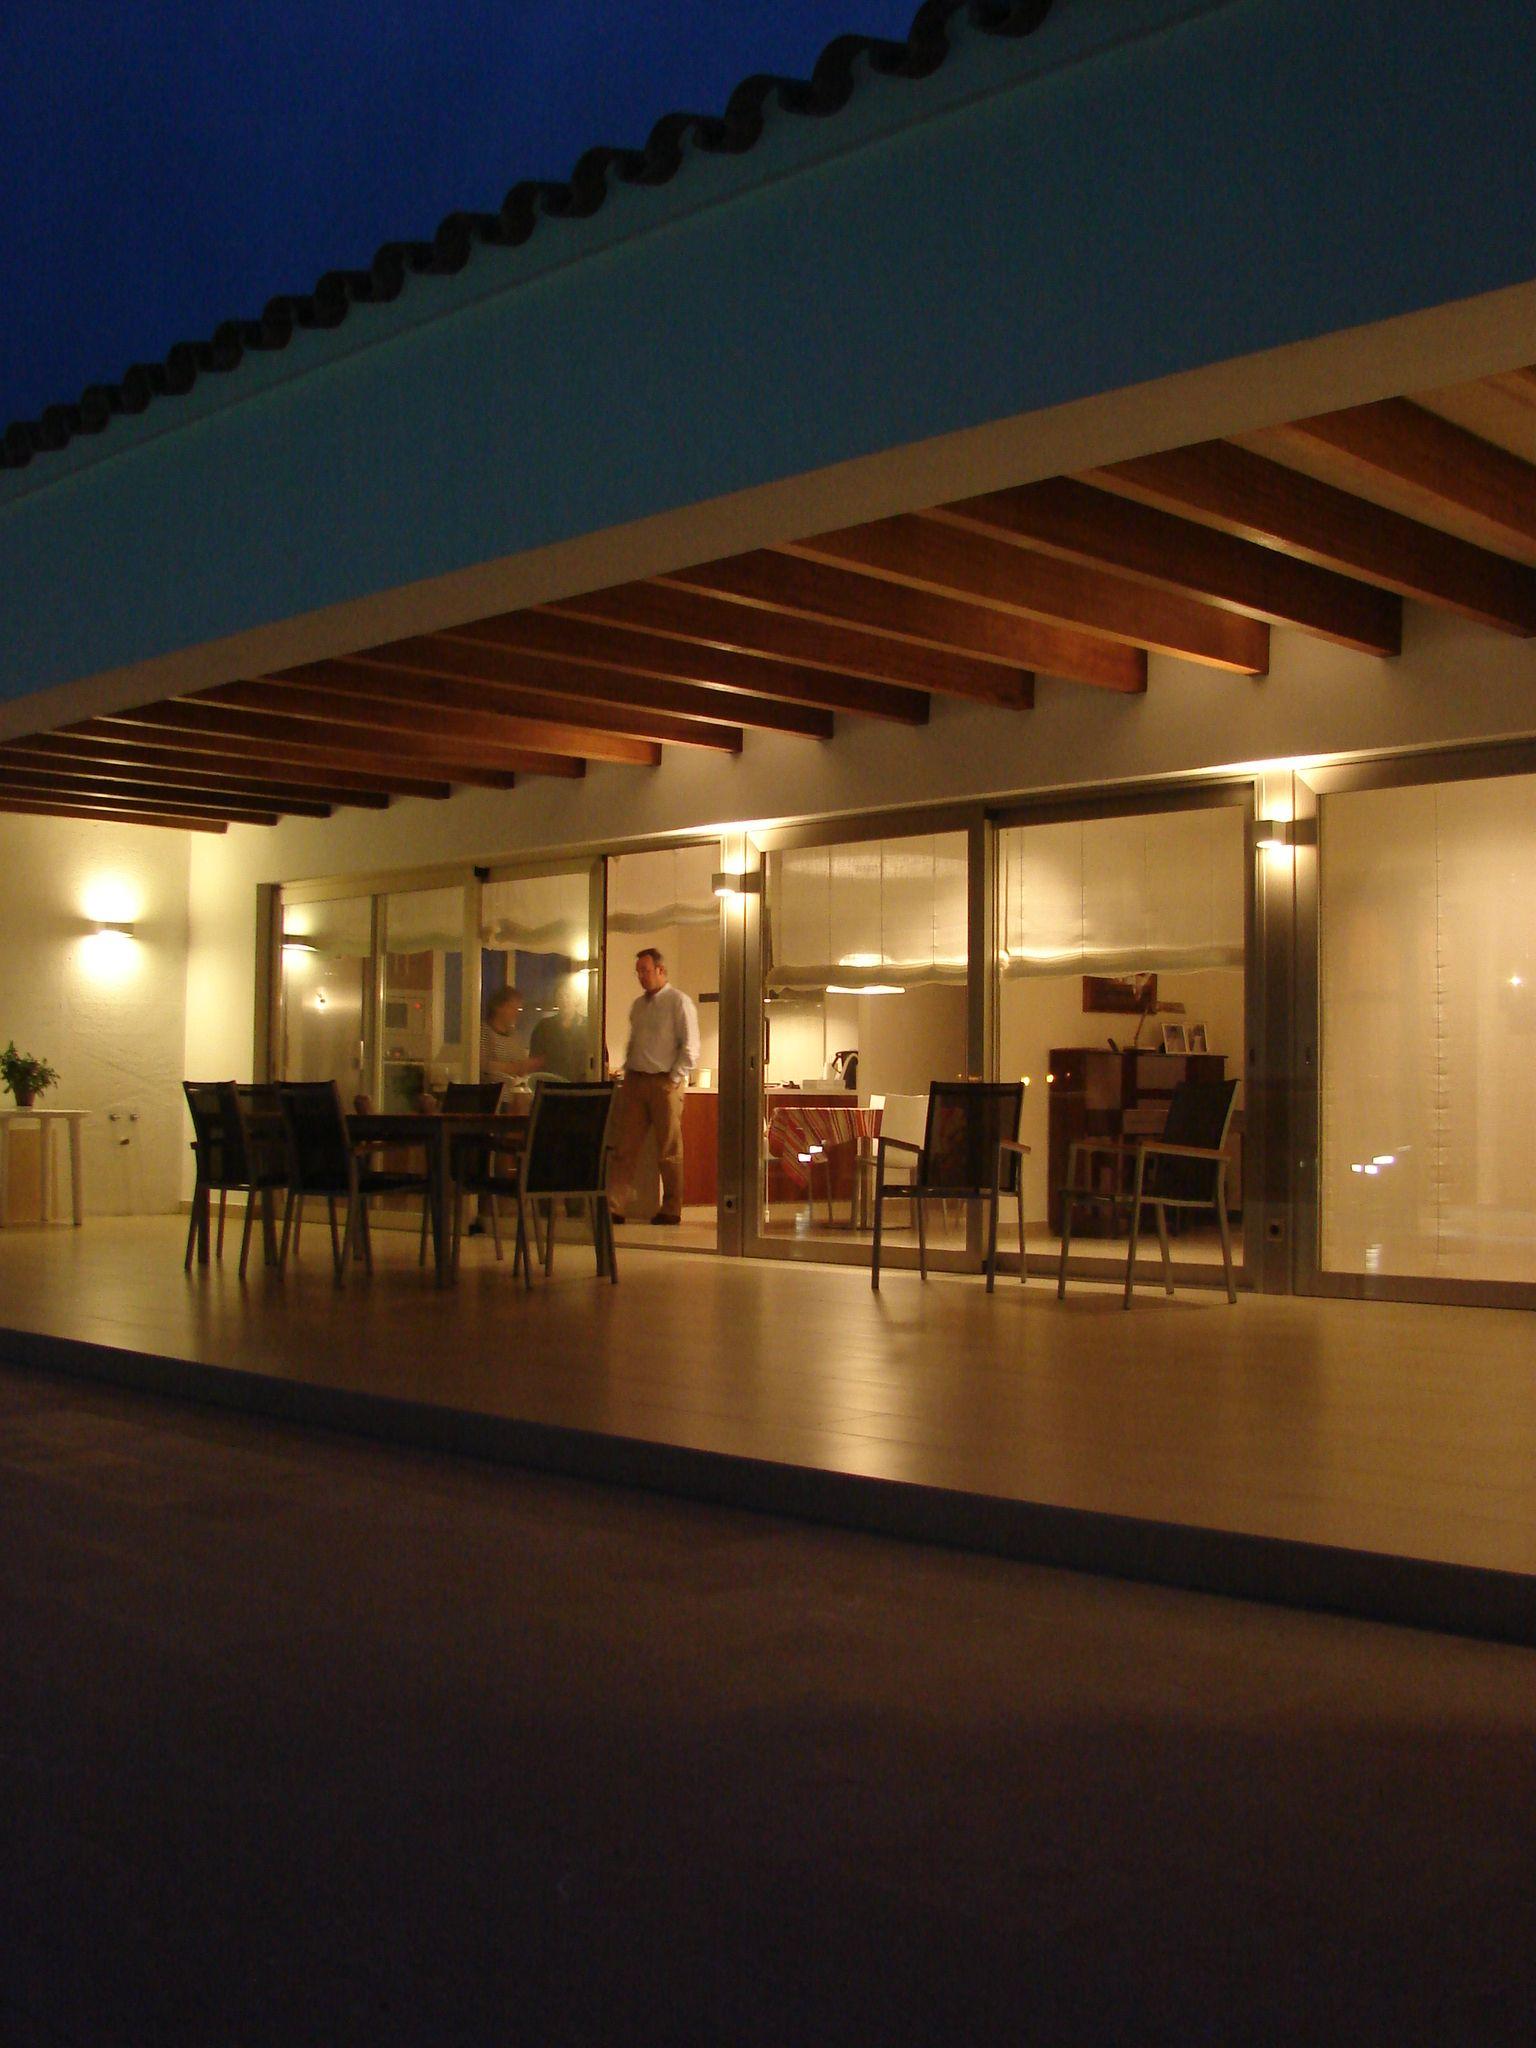 Exterior porche terraza contemporaneo decoracion via for Decoracion exterior jardin contemporaneo